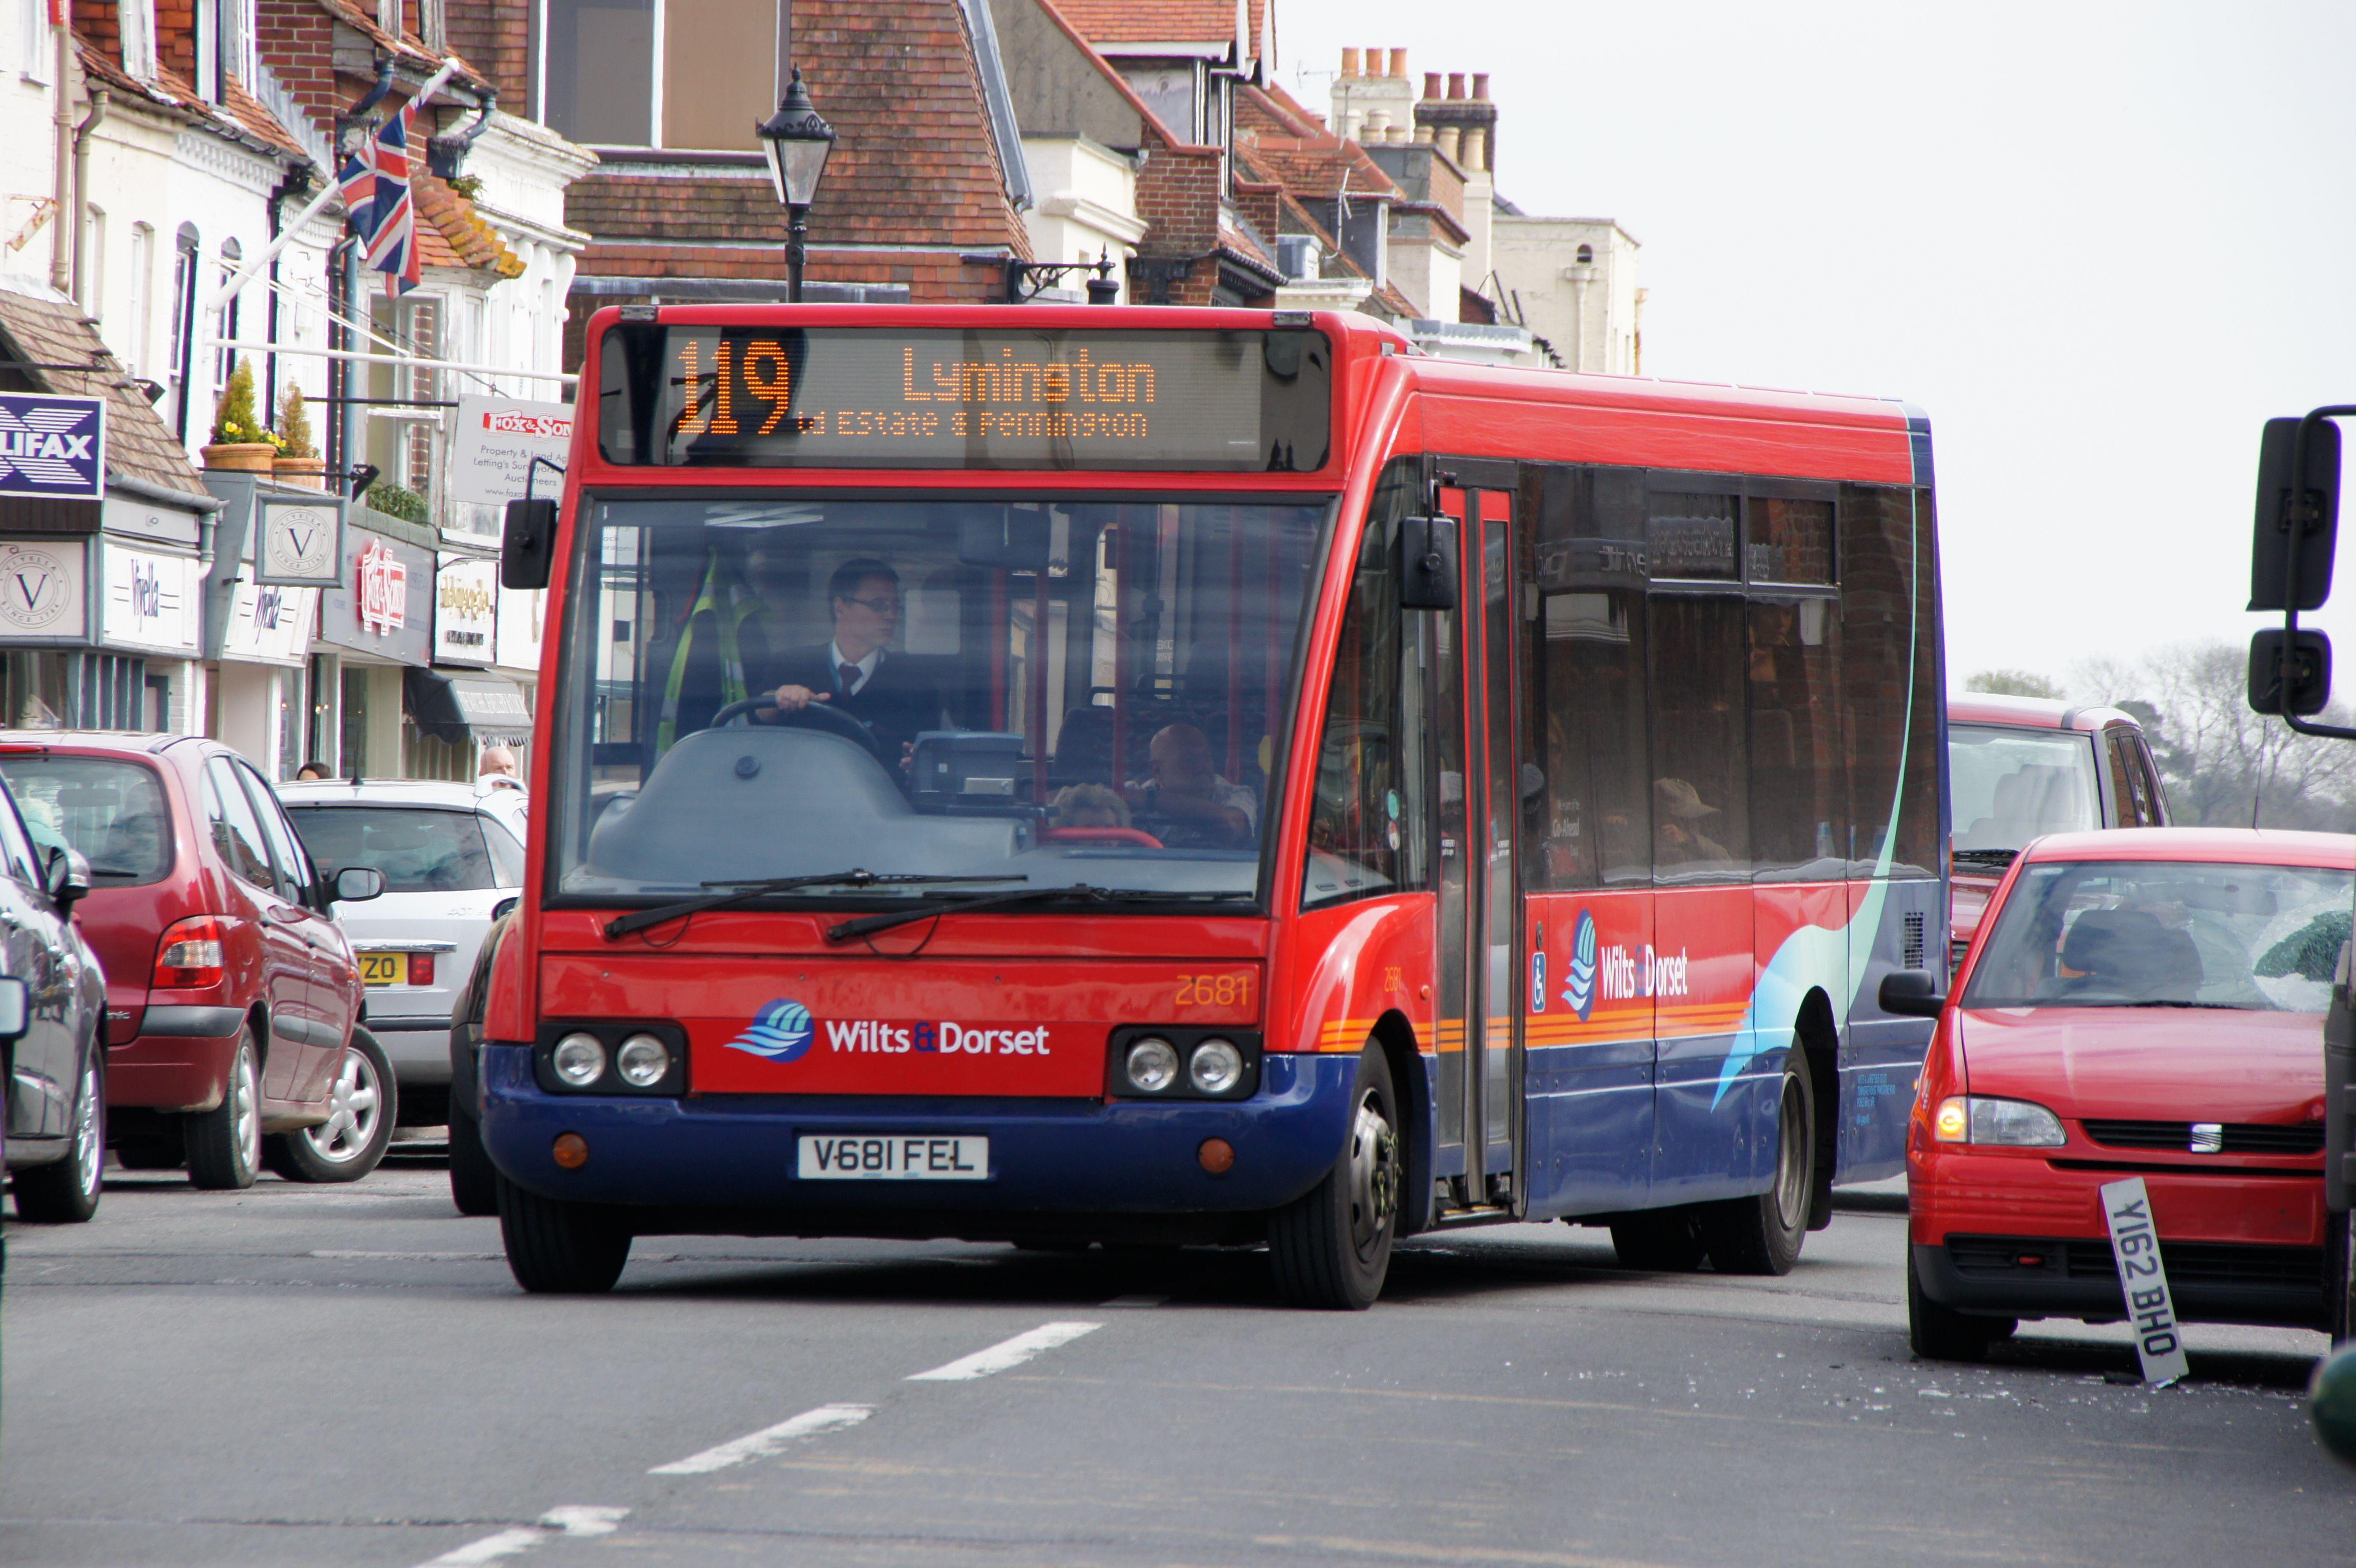 File:Wilts & Dorset bus 2681 (V681 FEL), 15 April 2011.